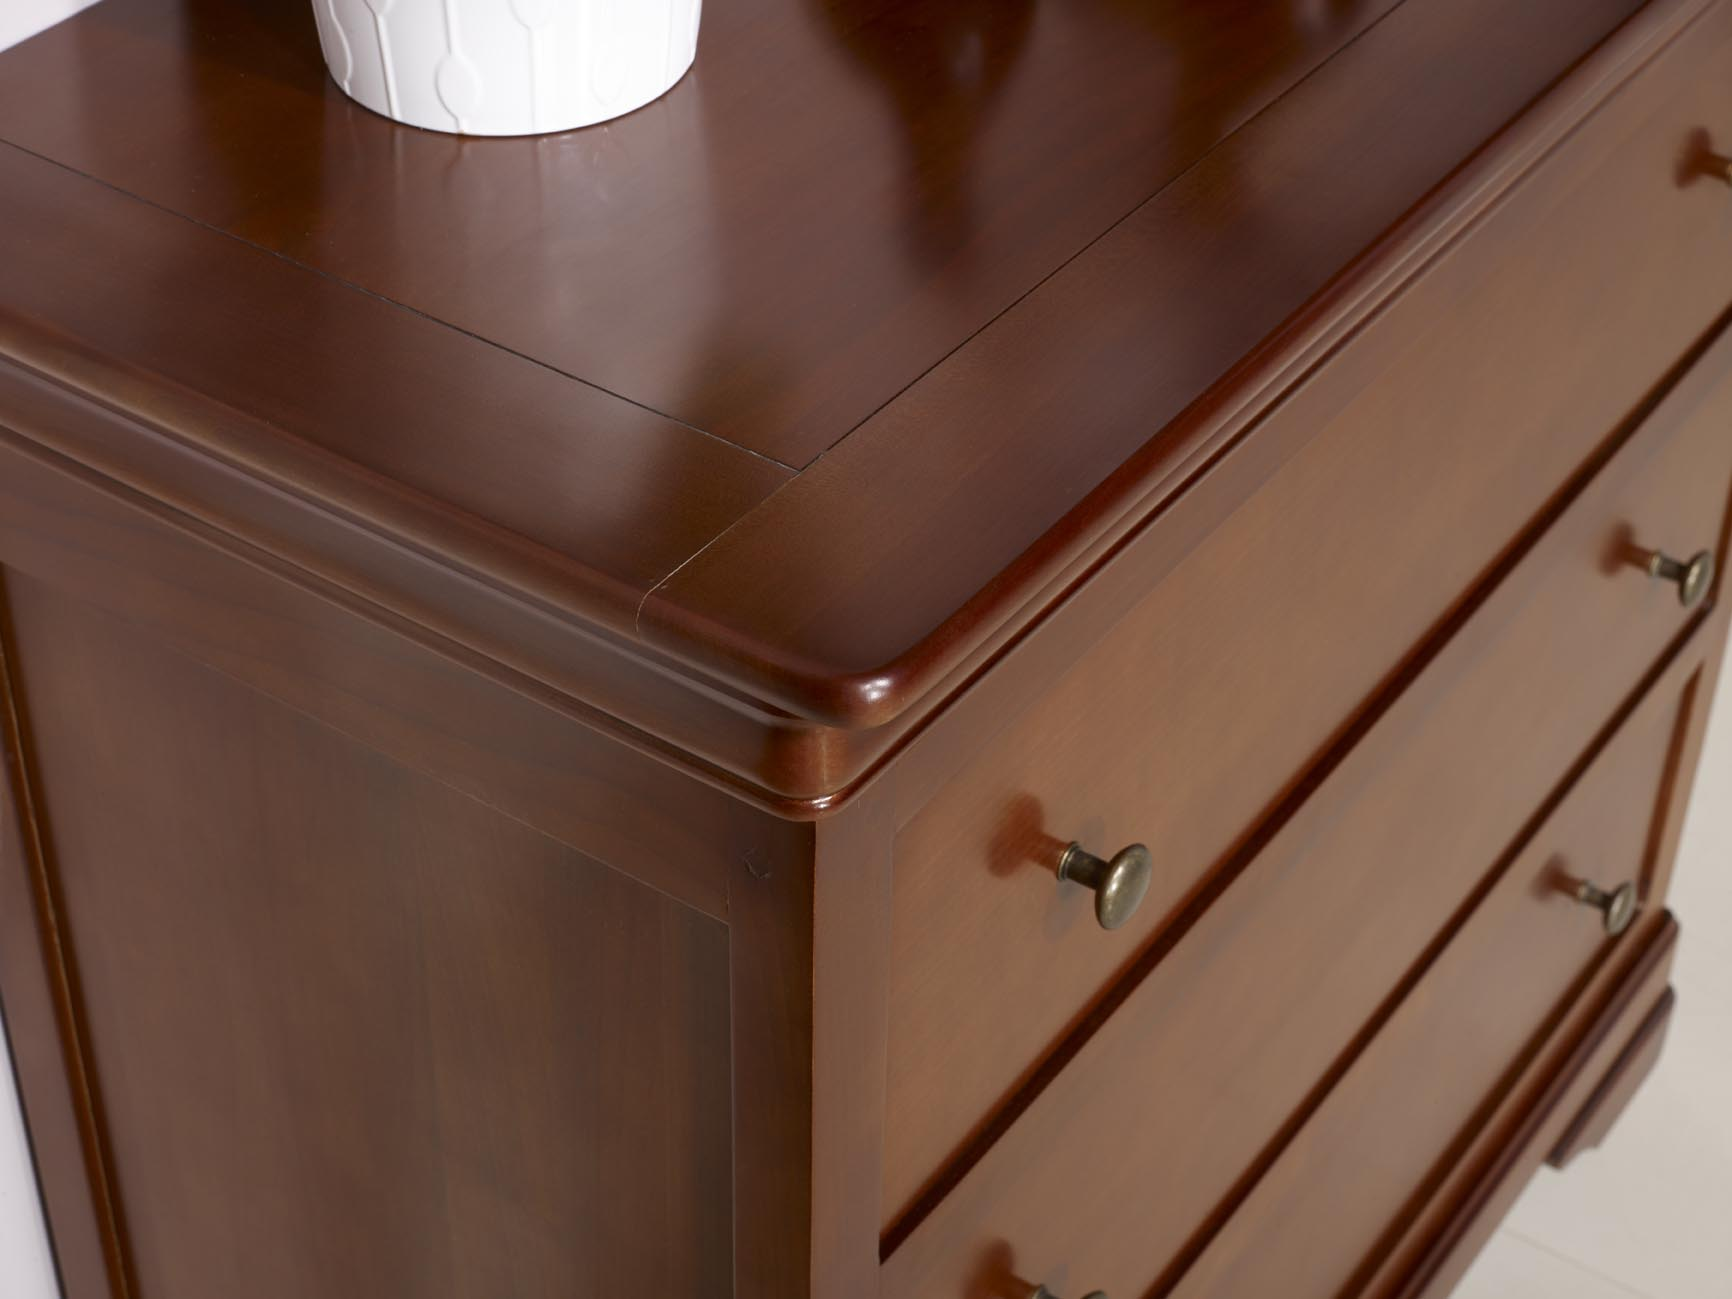 Commode Petite Profondeur 30 Cm commode 3 tiroirs amélie réalisée en merisier massif de style louis  philippe profondeur 48 cm